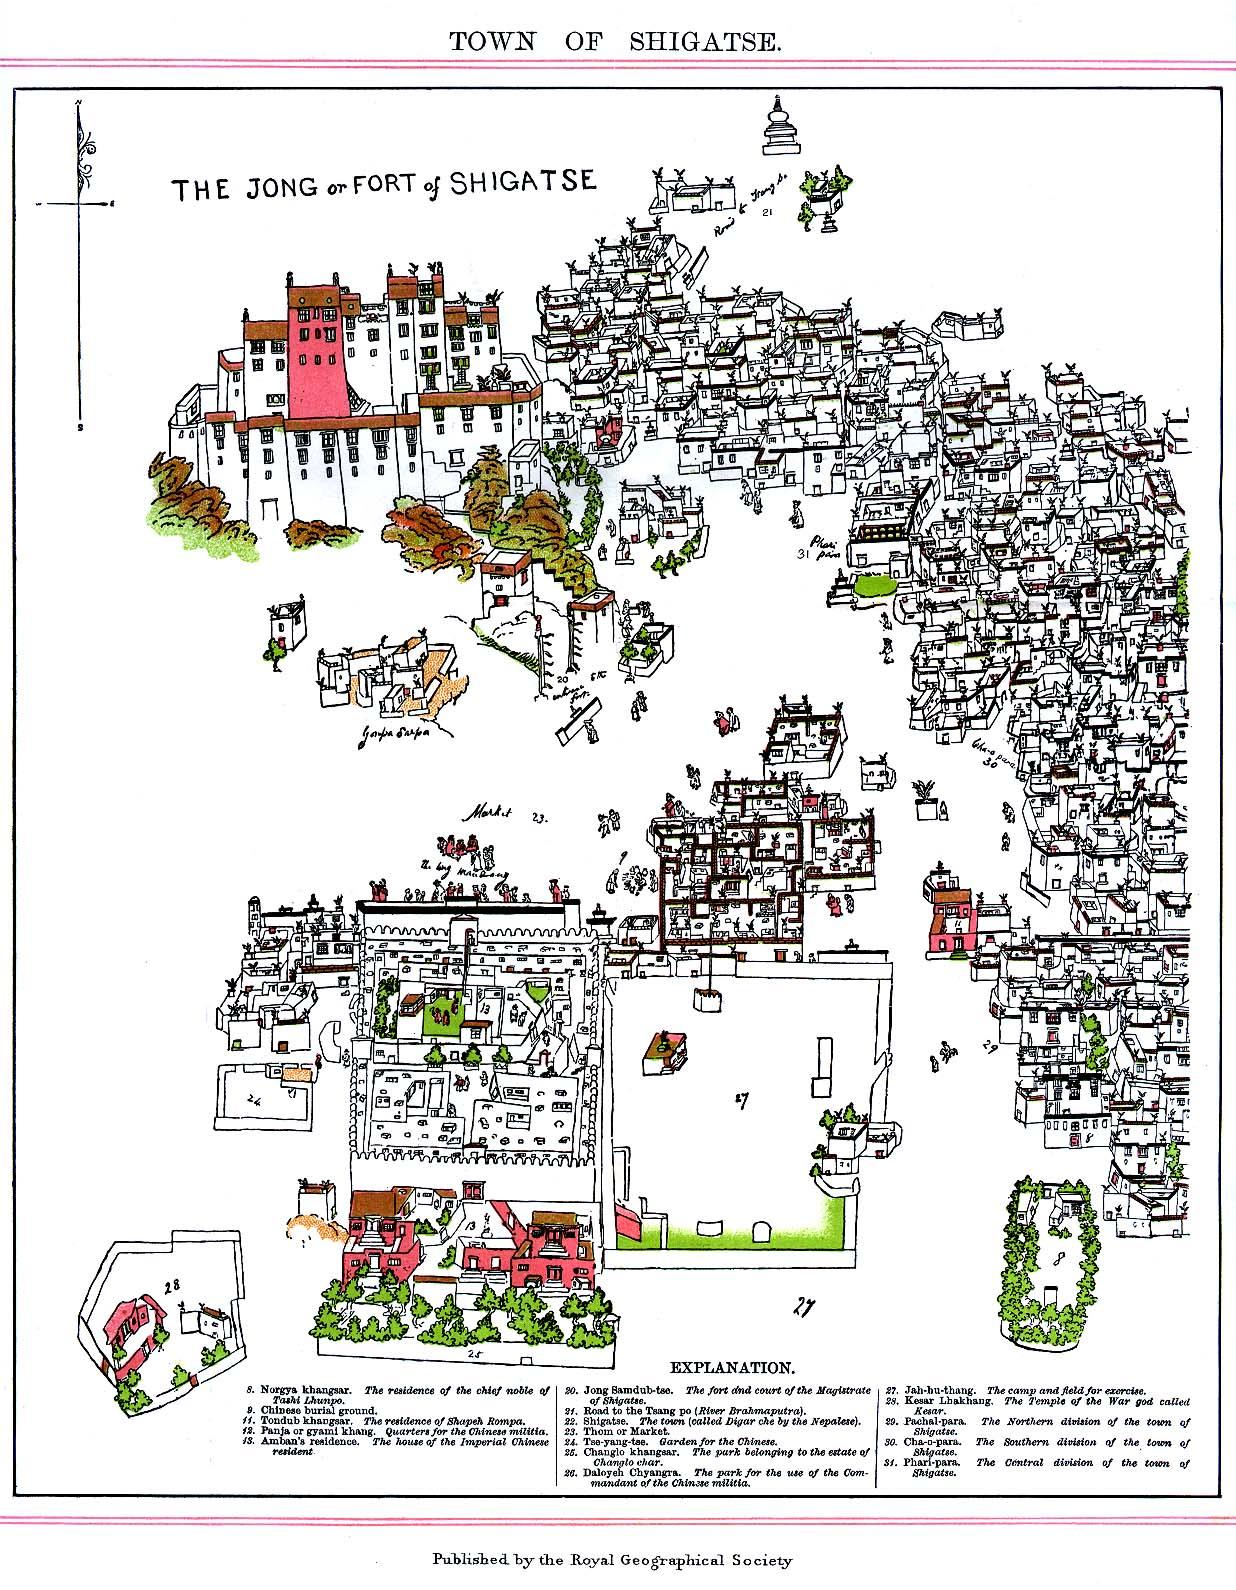 Mapa de la Fortaleza Dzong de Shigatse, Tibet 1902